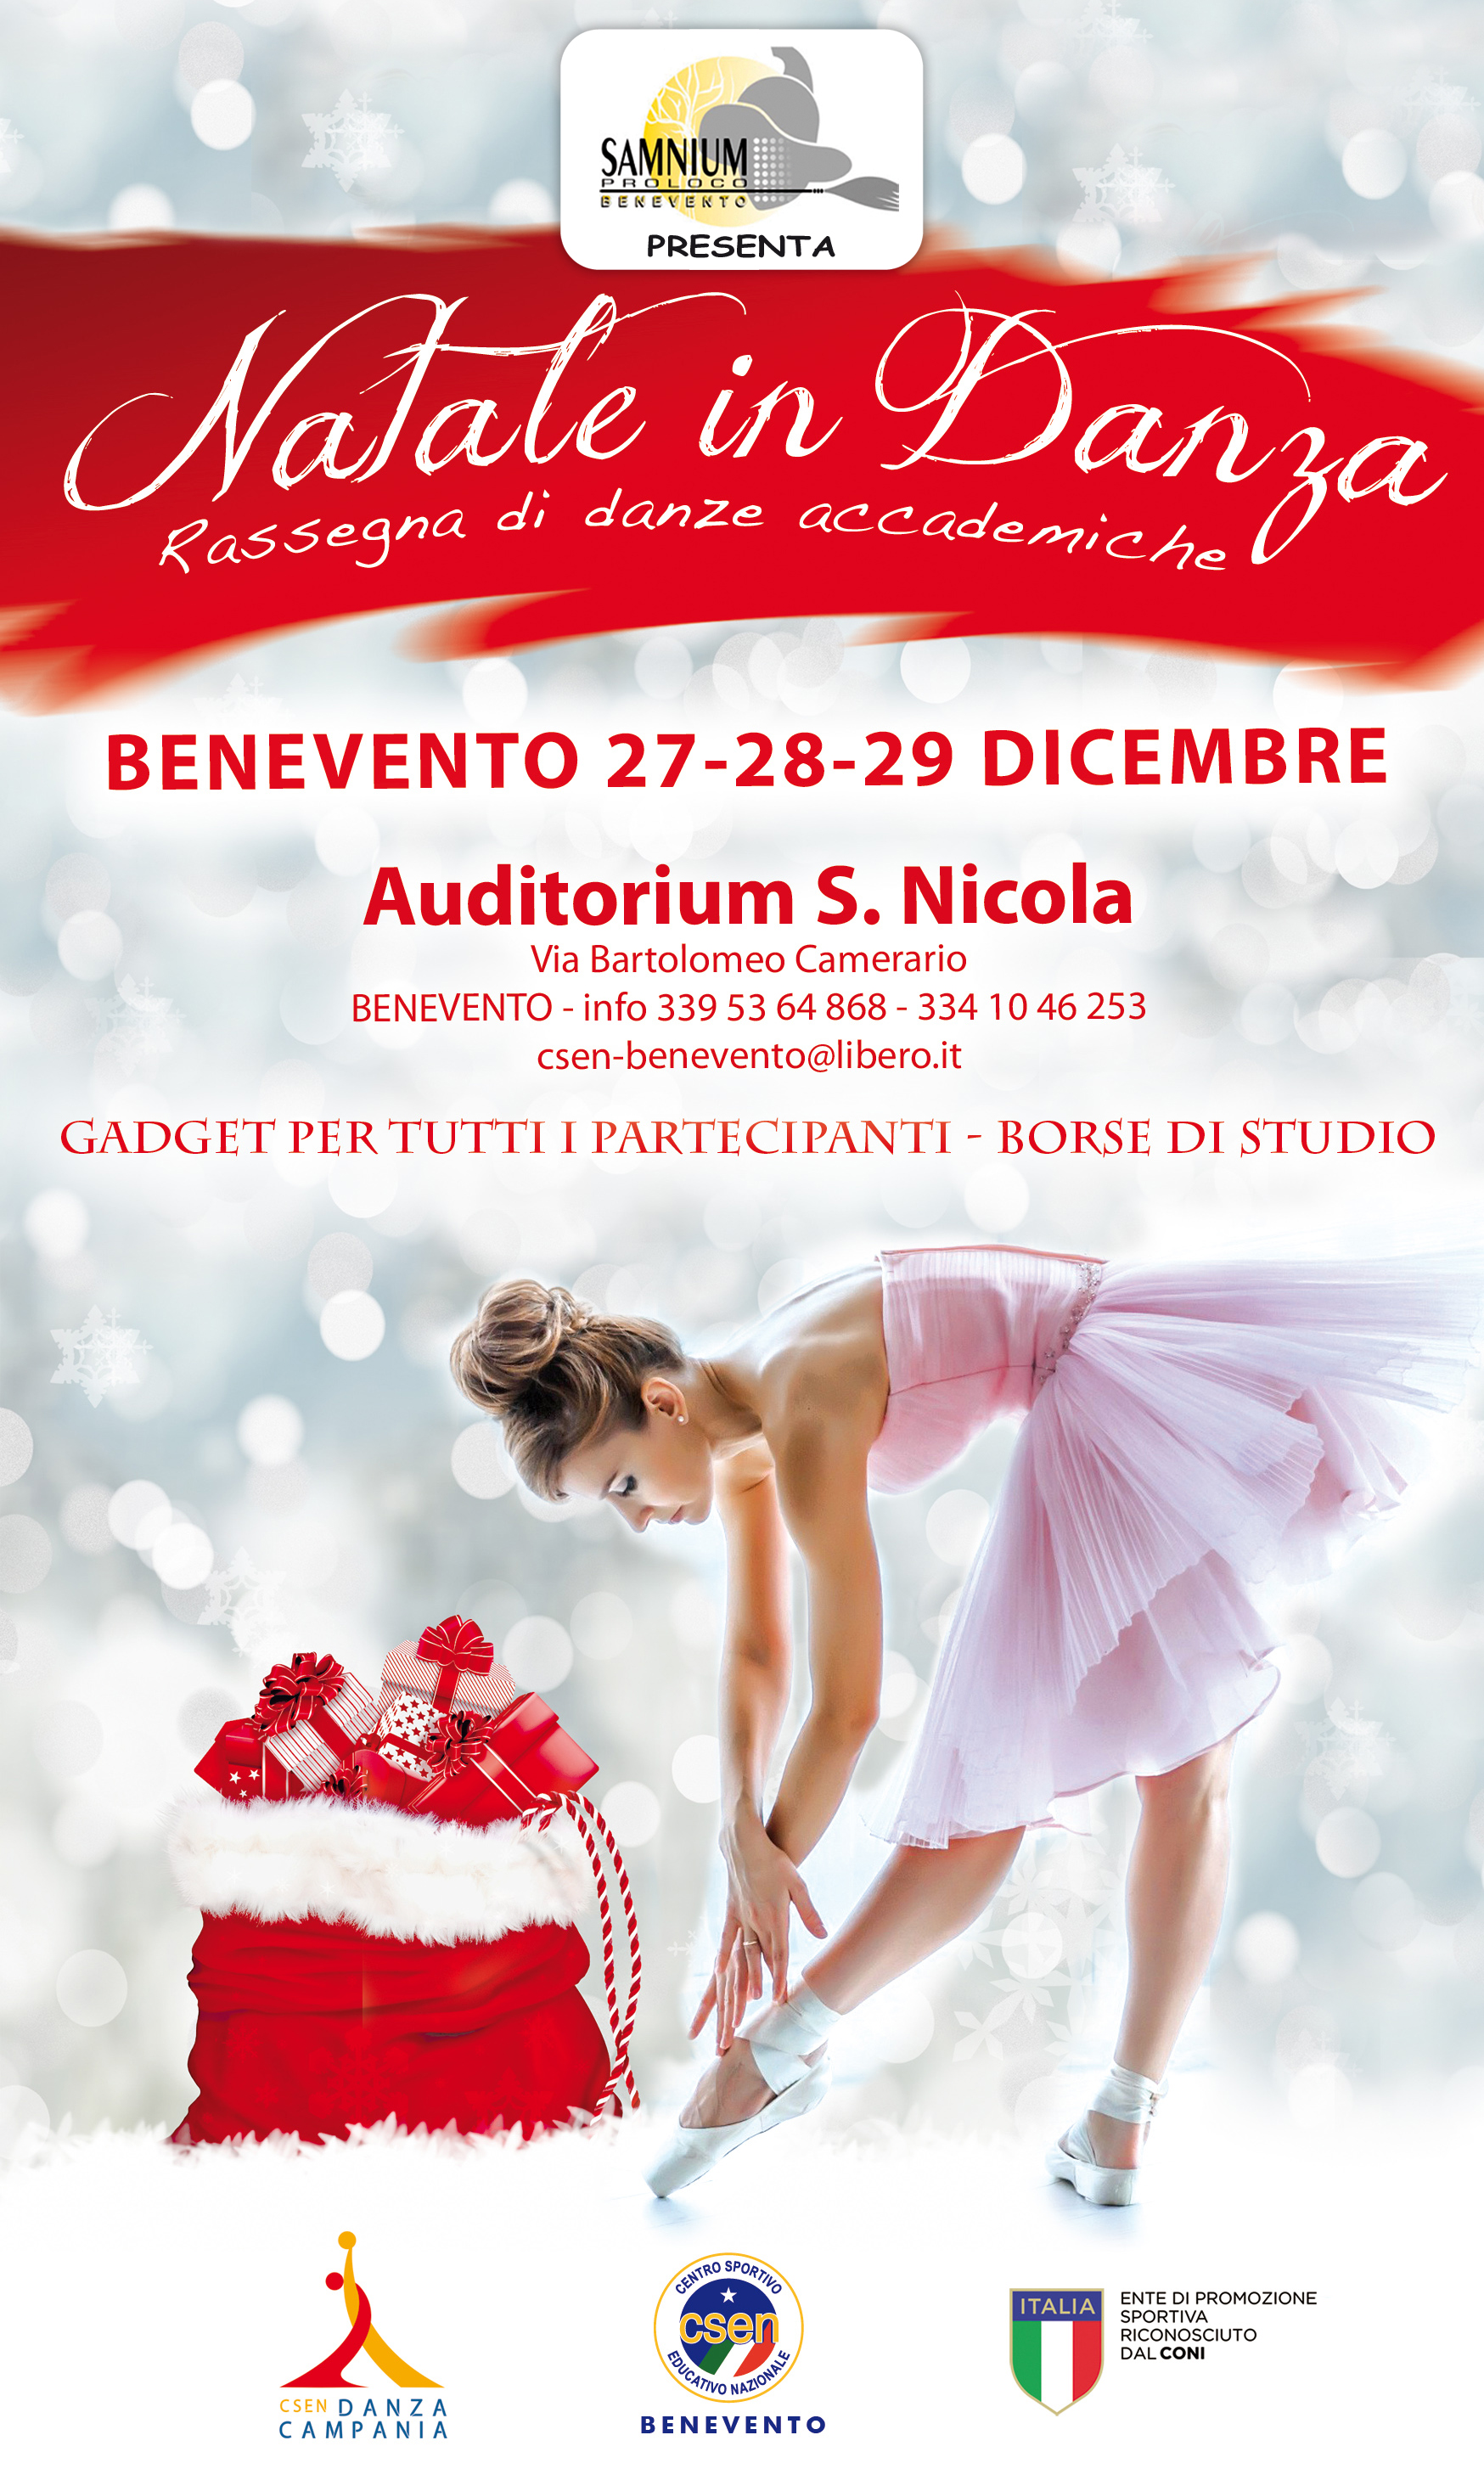 Dal 27 al 29 dicembre, presso l'Auditorium S. Nicola di Benevento, Natele in Danza